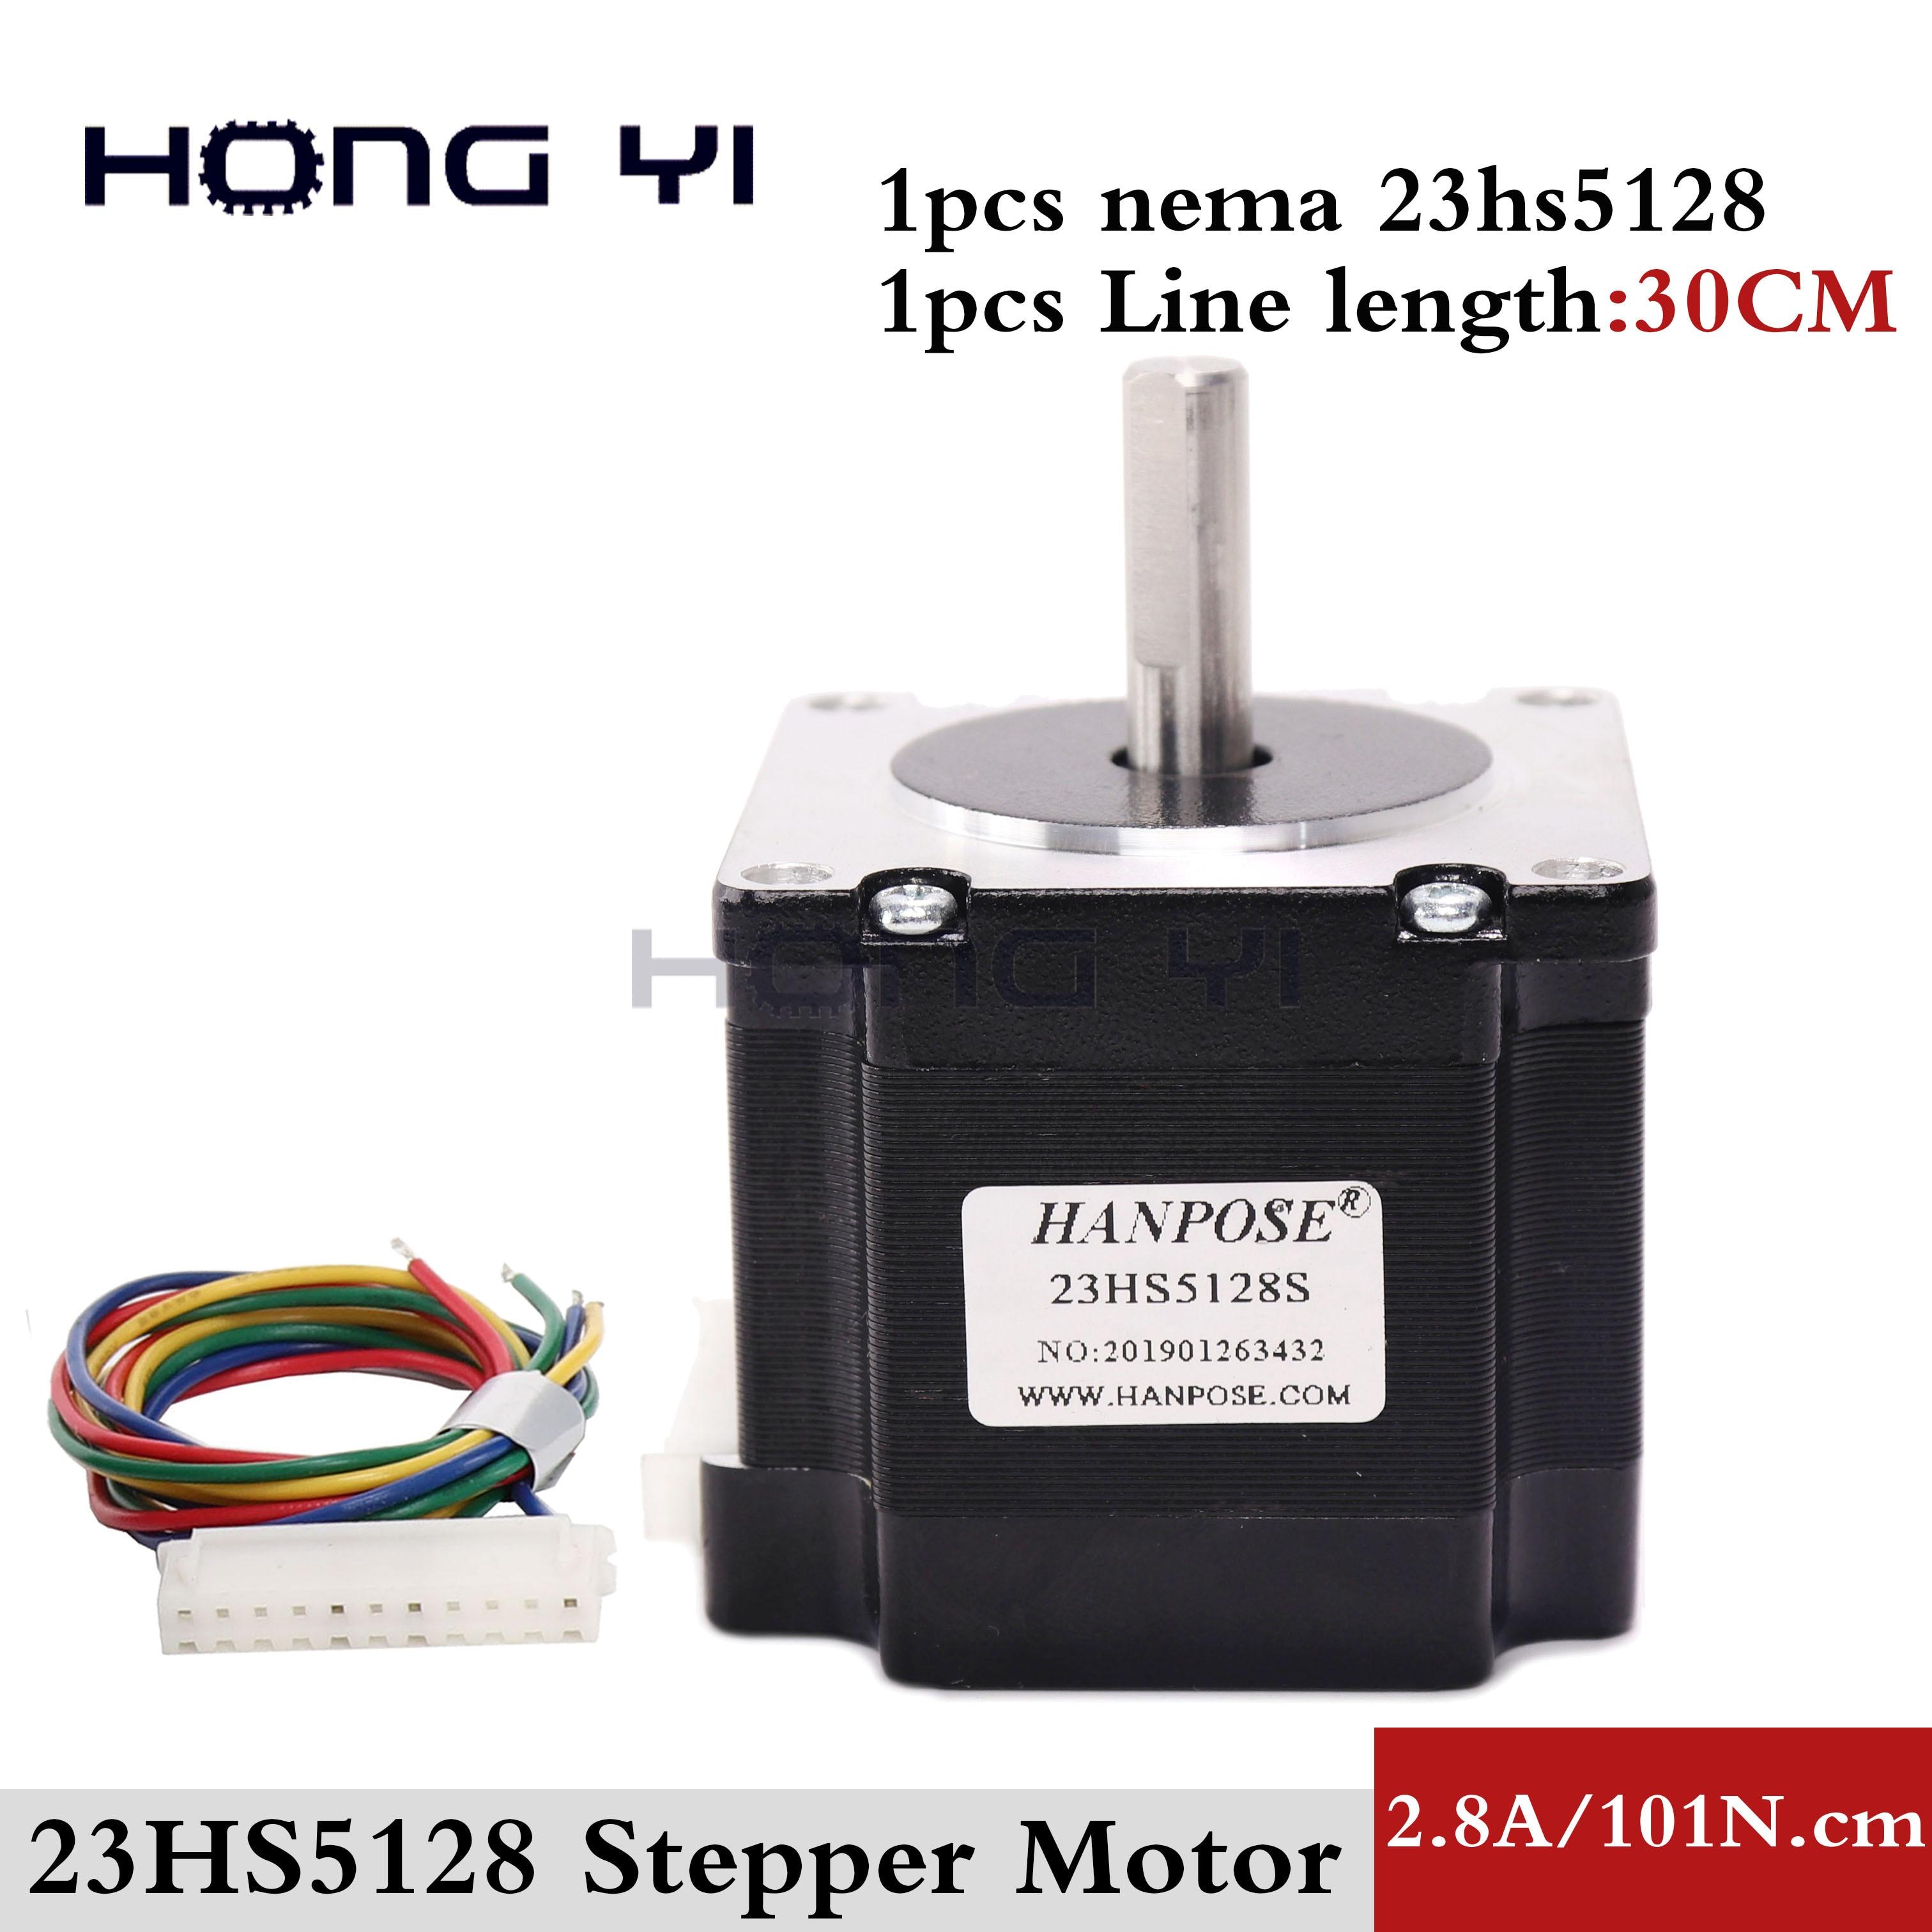 Motor de passo NEMA 23 51mm (2.8A, 101N 4-fio. cm) 23HS5128 NEMA23 preto motor para robô e CNC Laser Moer Foam Plasma Cut